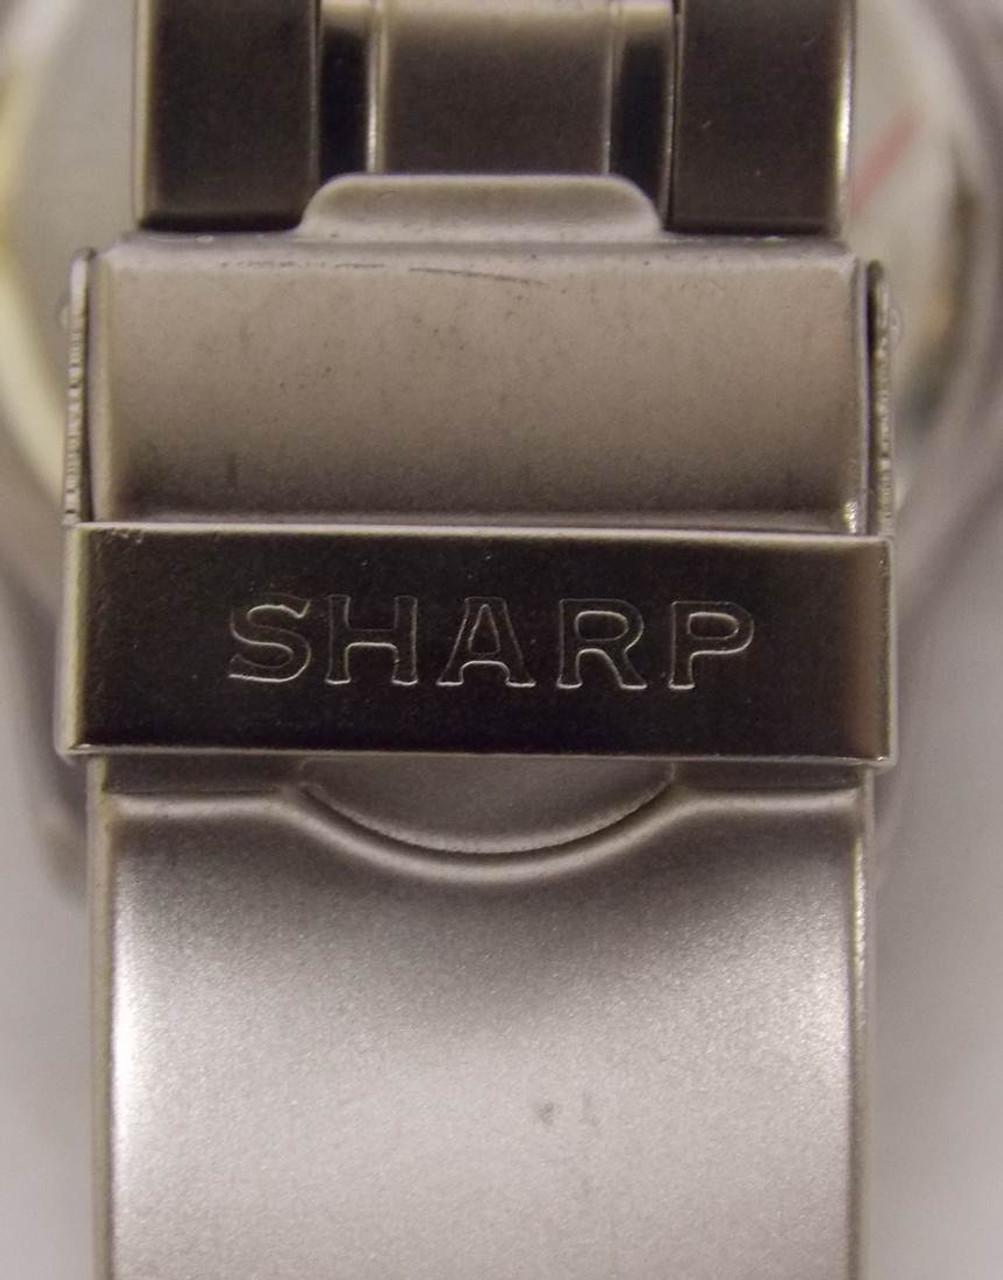 Men's Watch - Blue Face Sharp Silver